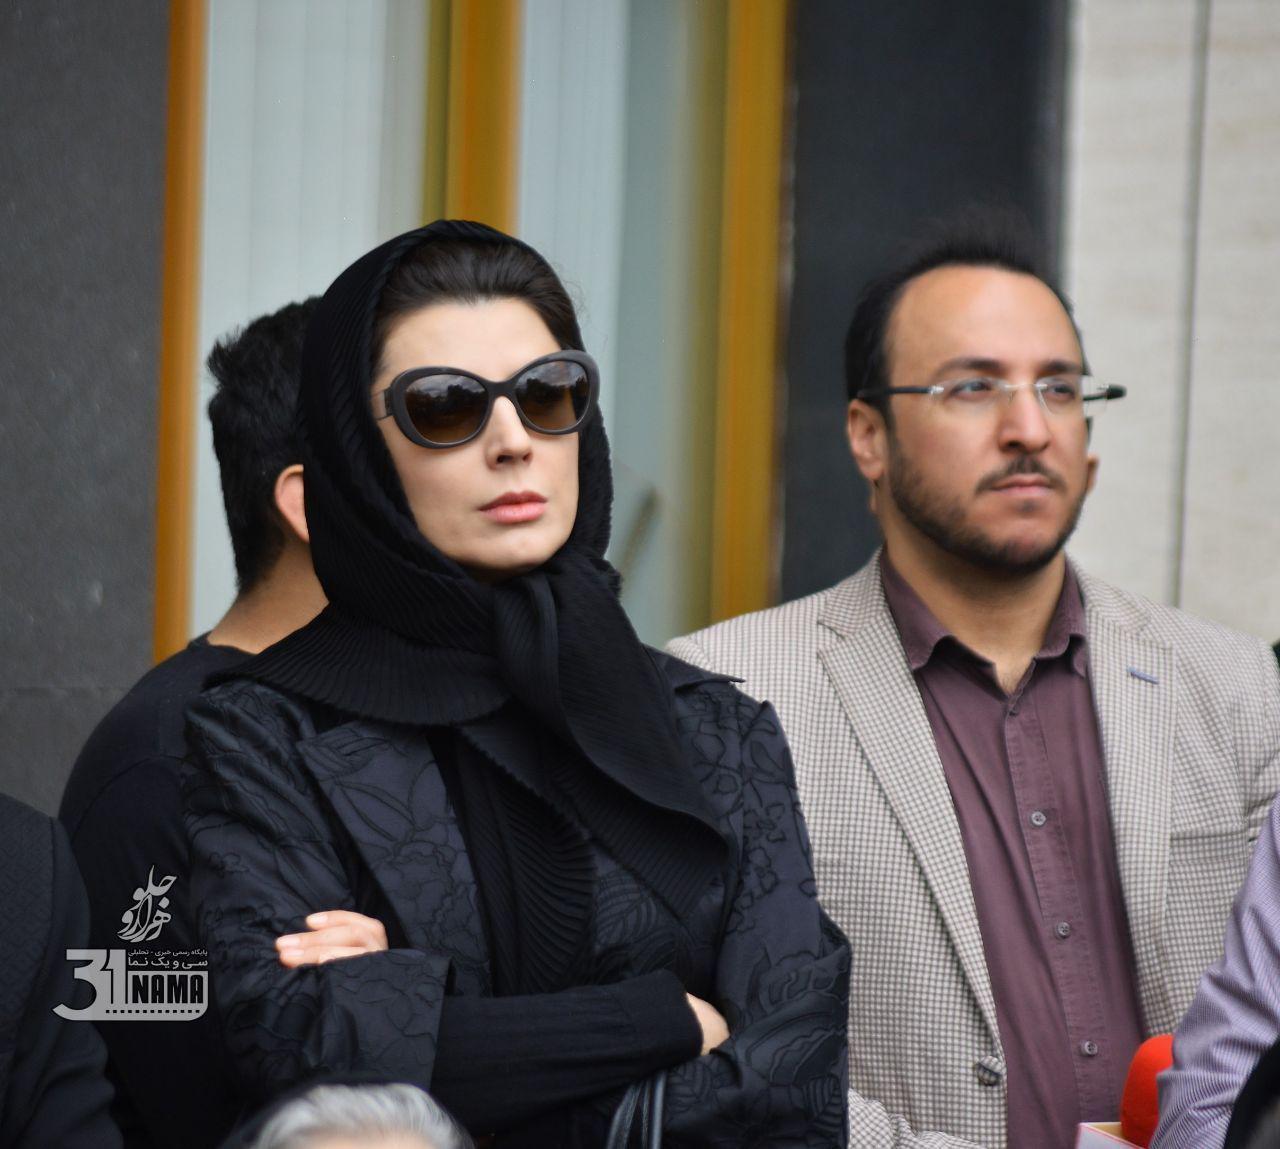 لیلا حاتمی - عکسهای مراسم تشییع جمشید مشایخی